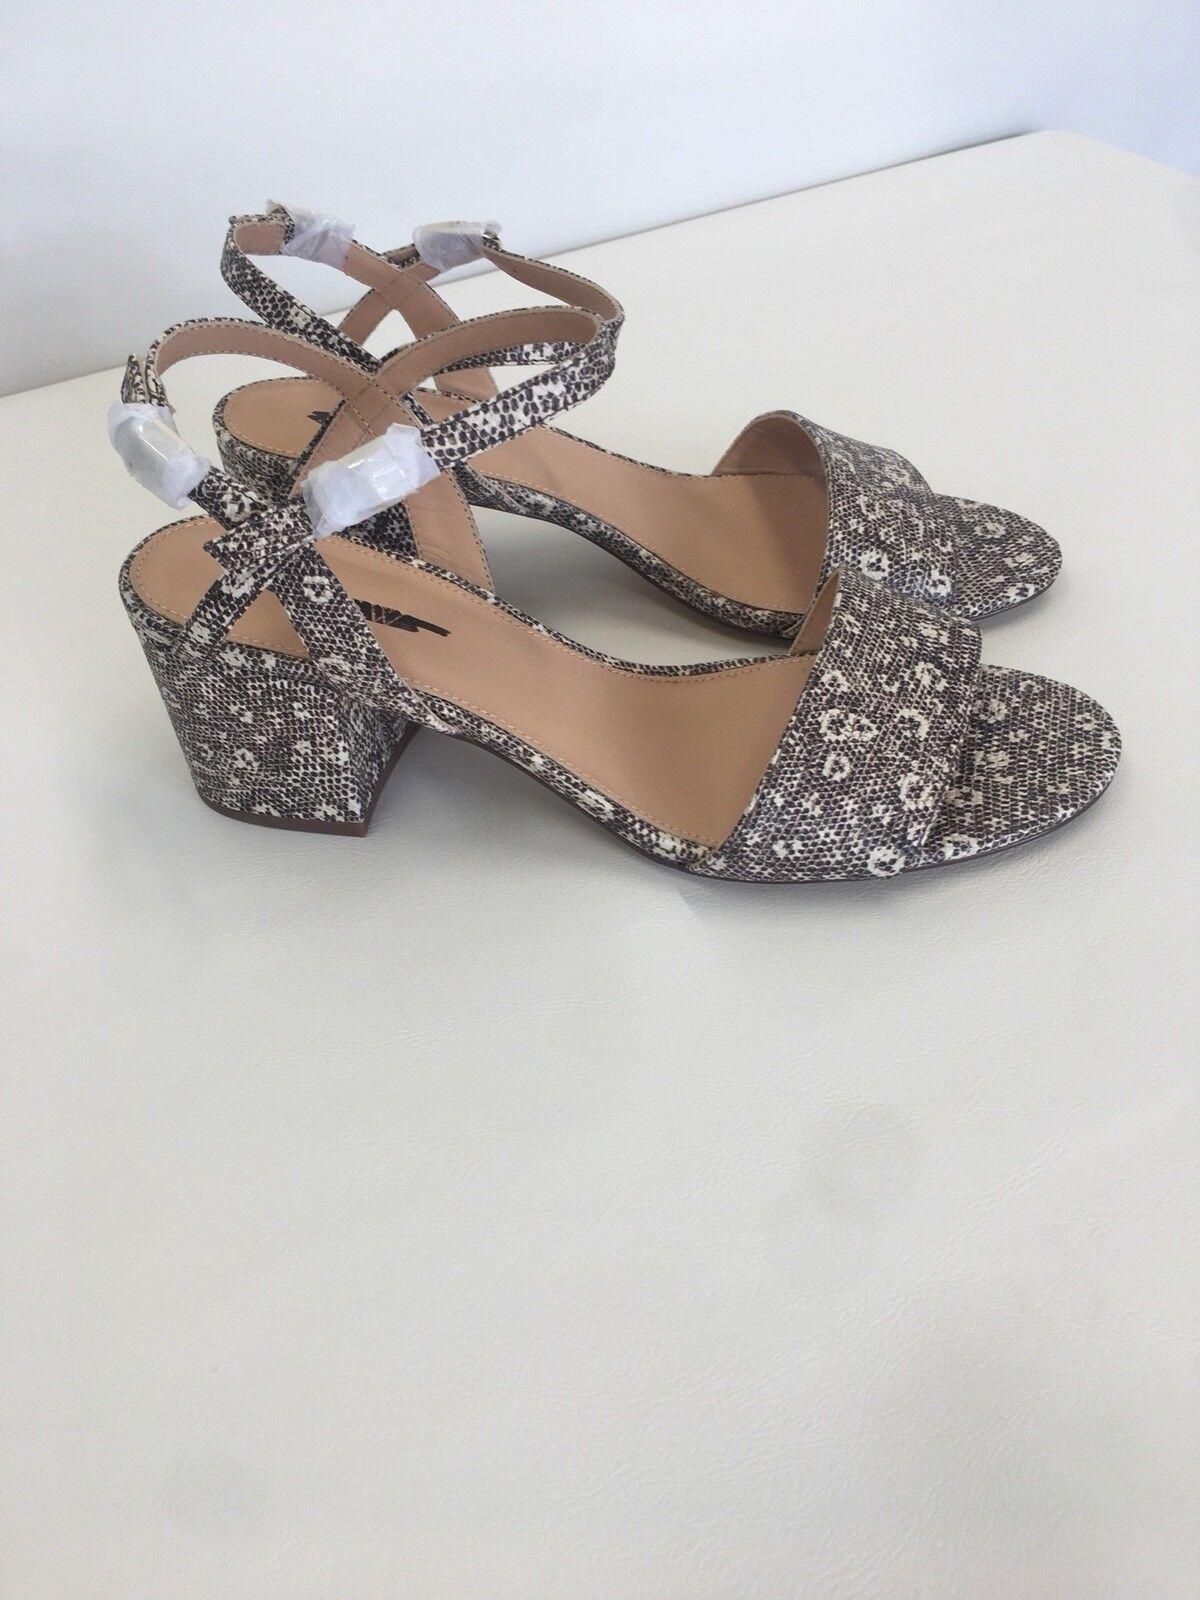 New J Crew Block-heel Sandals (60mm) In Lizard-Stamped Leather Sz 9.5 H7328